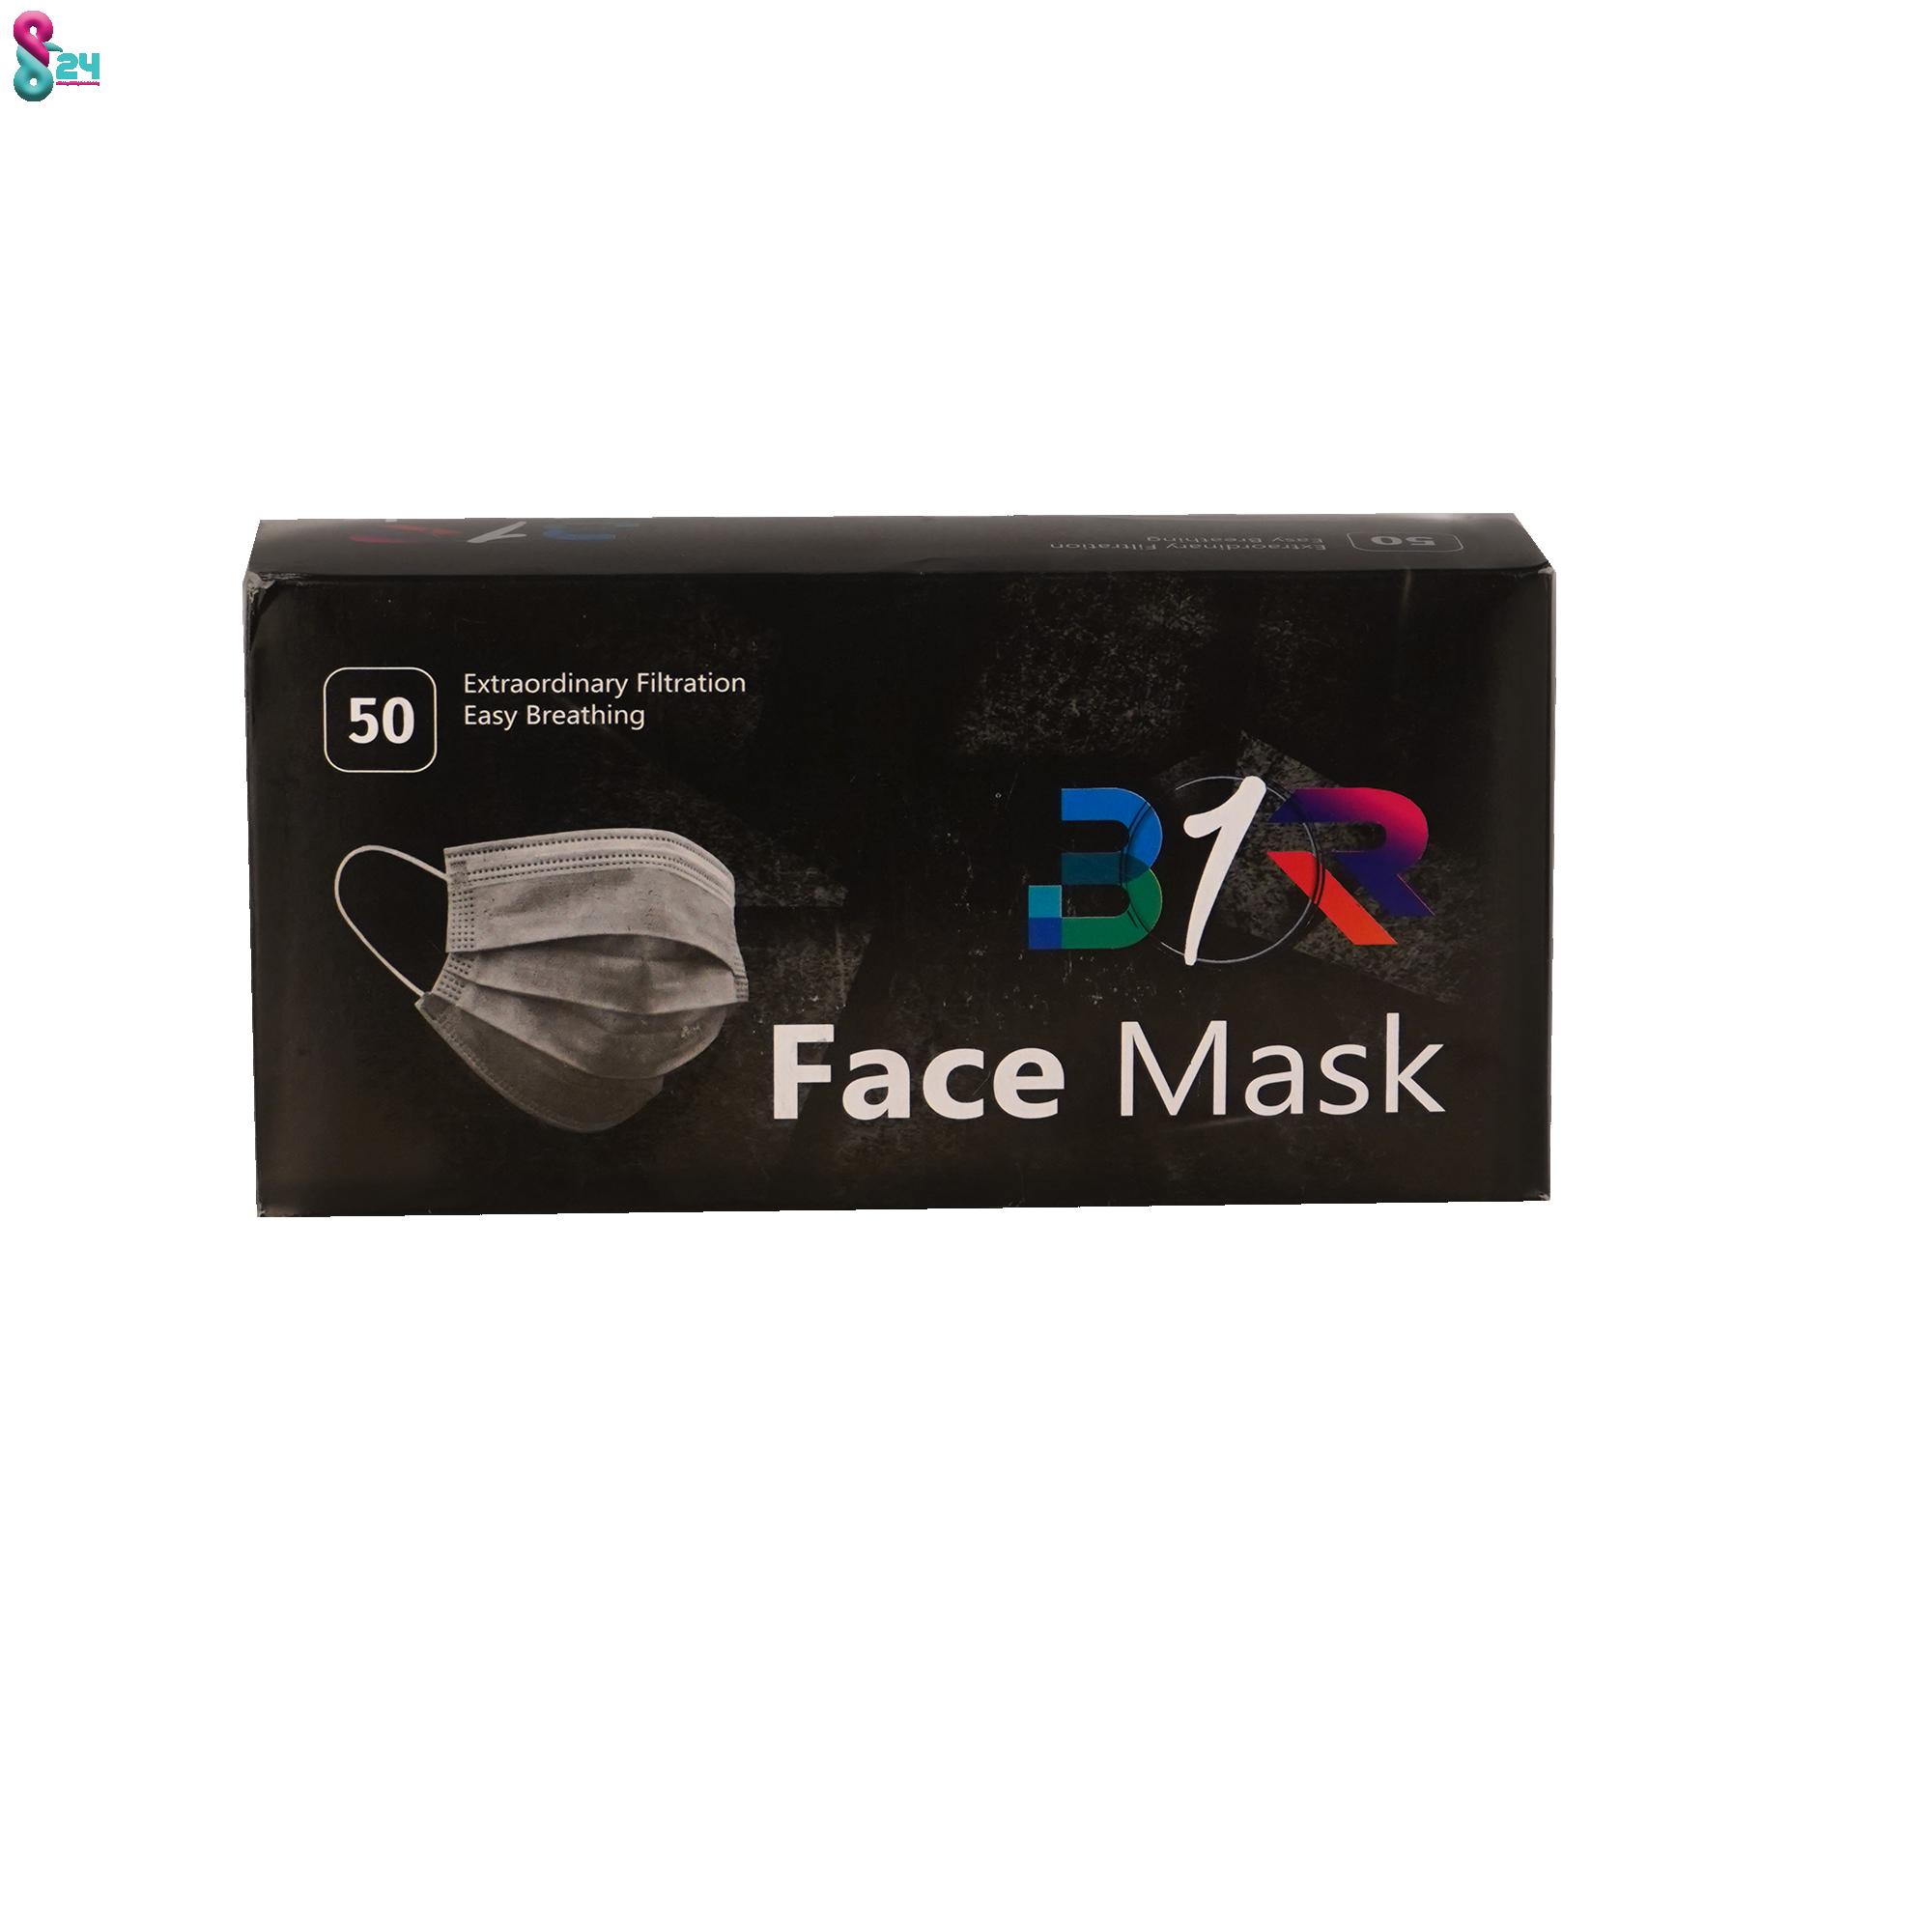 ماسک سه لایه پزشکی در رنگ بندی مختلف